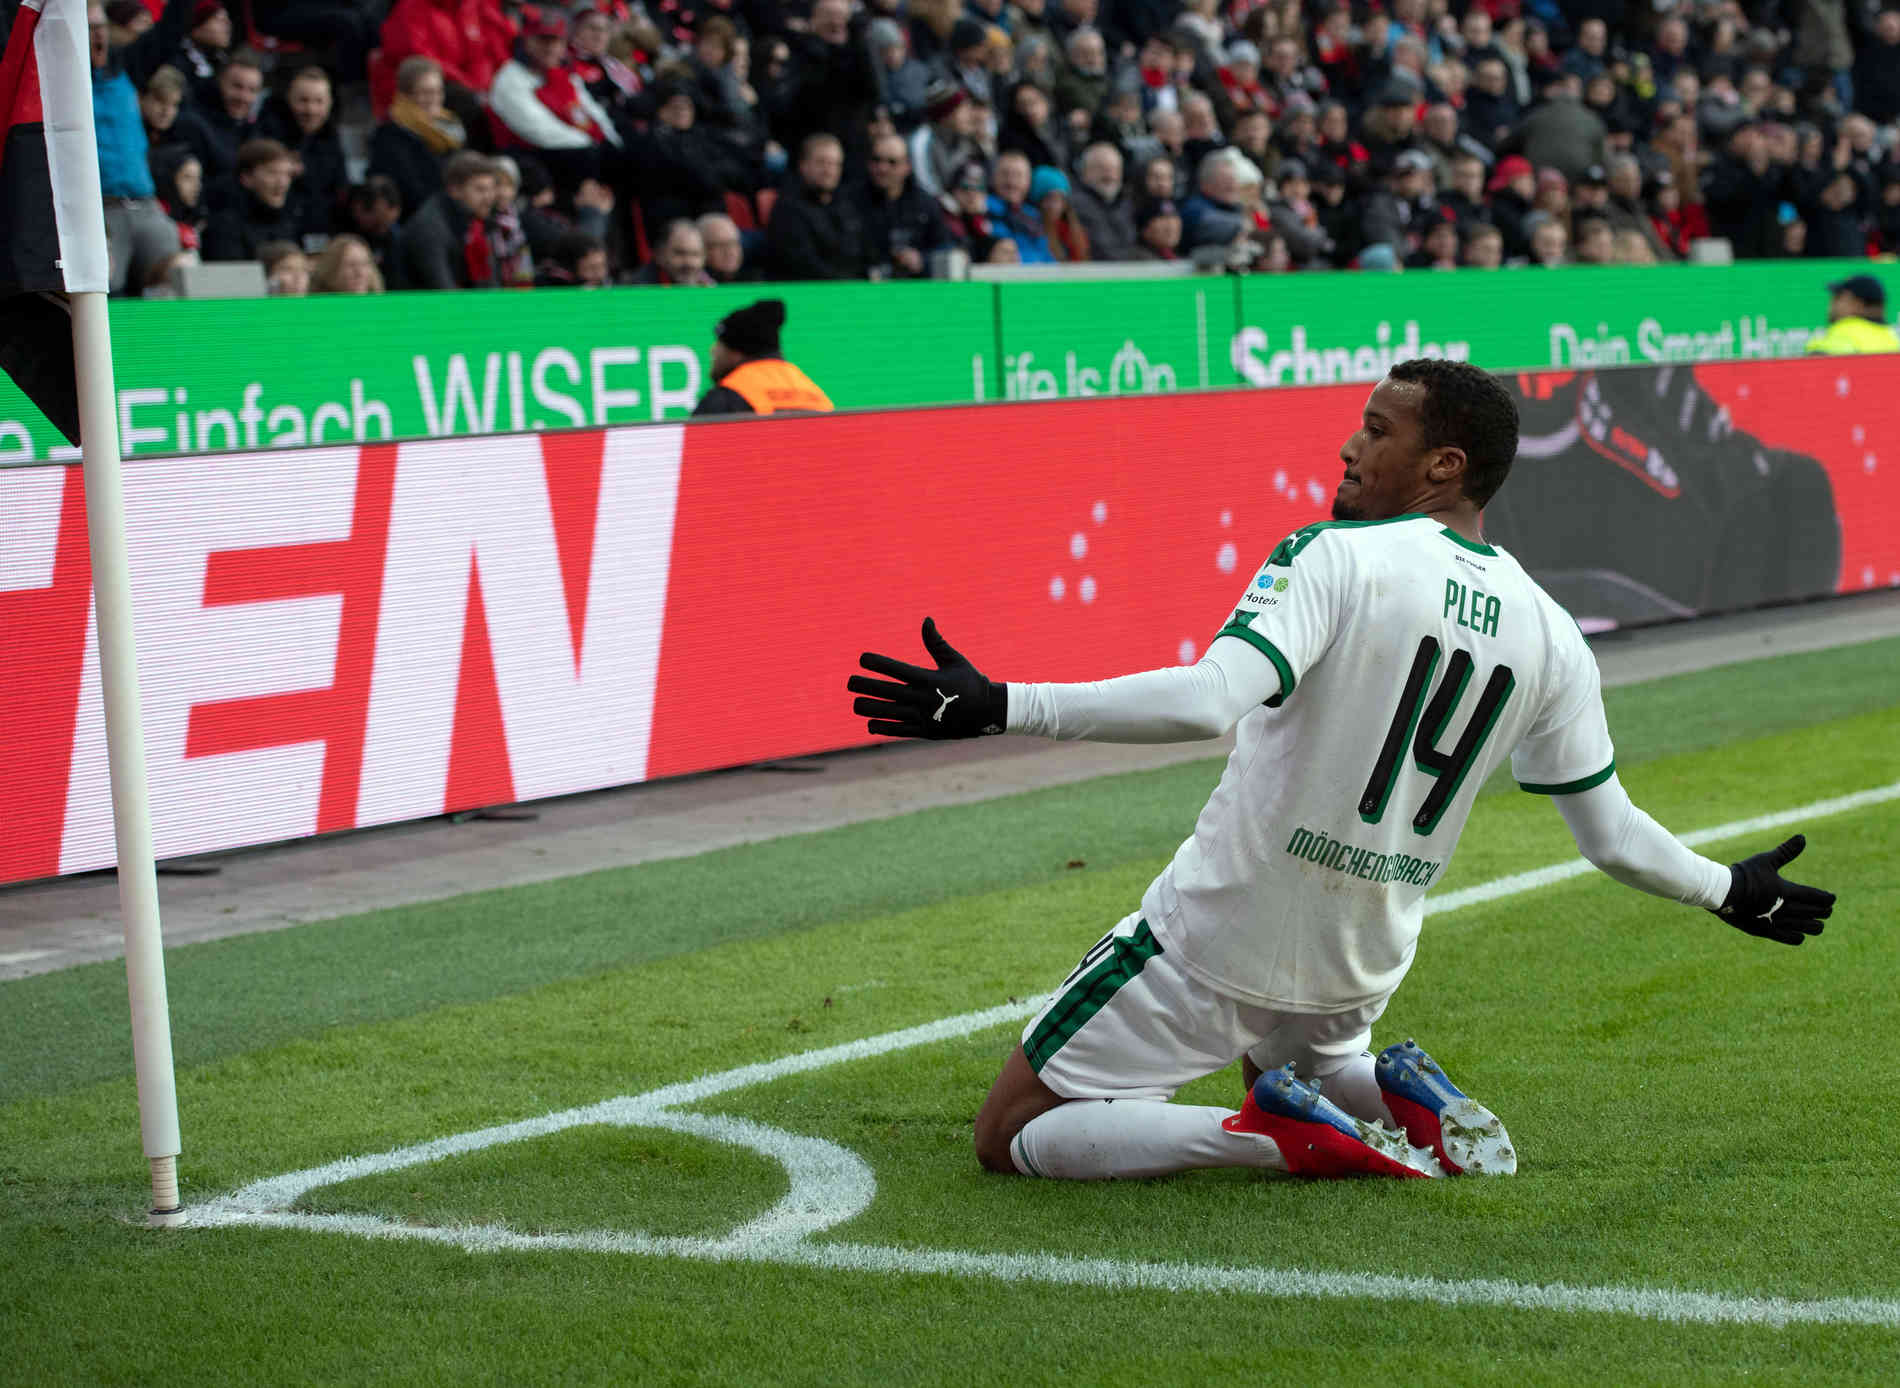 Προγνωστικά Bundesliga | Ρουχωτάς: Ρεαλιστικό «διπλό» για Γκλάντμπαχ